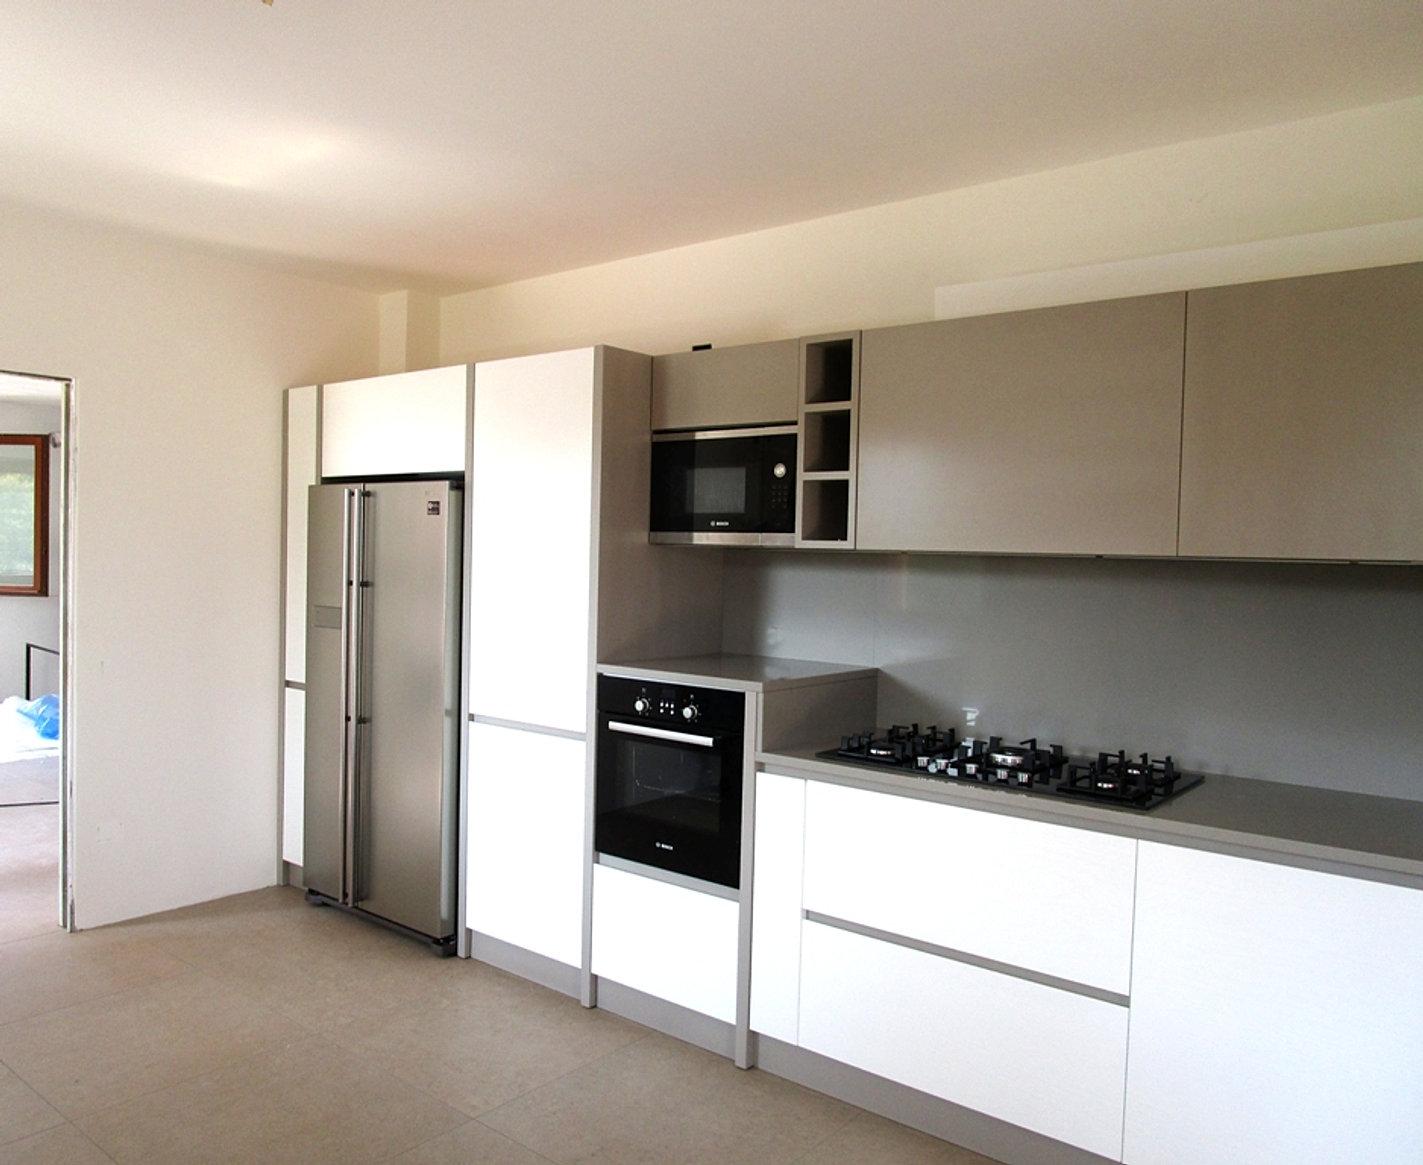 top cucine piano di lavoro cucina : Piano Di Lavoro Bianco: Cucine monza brianza materiali top cucina ...